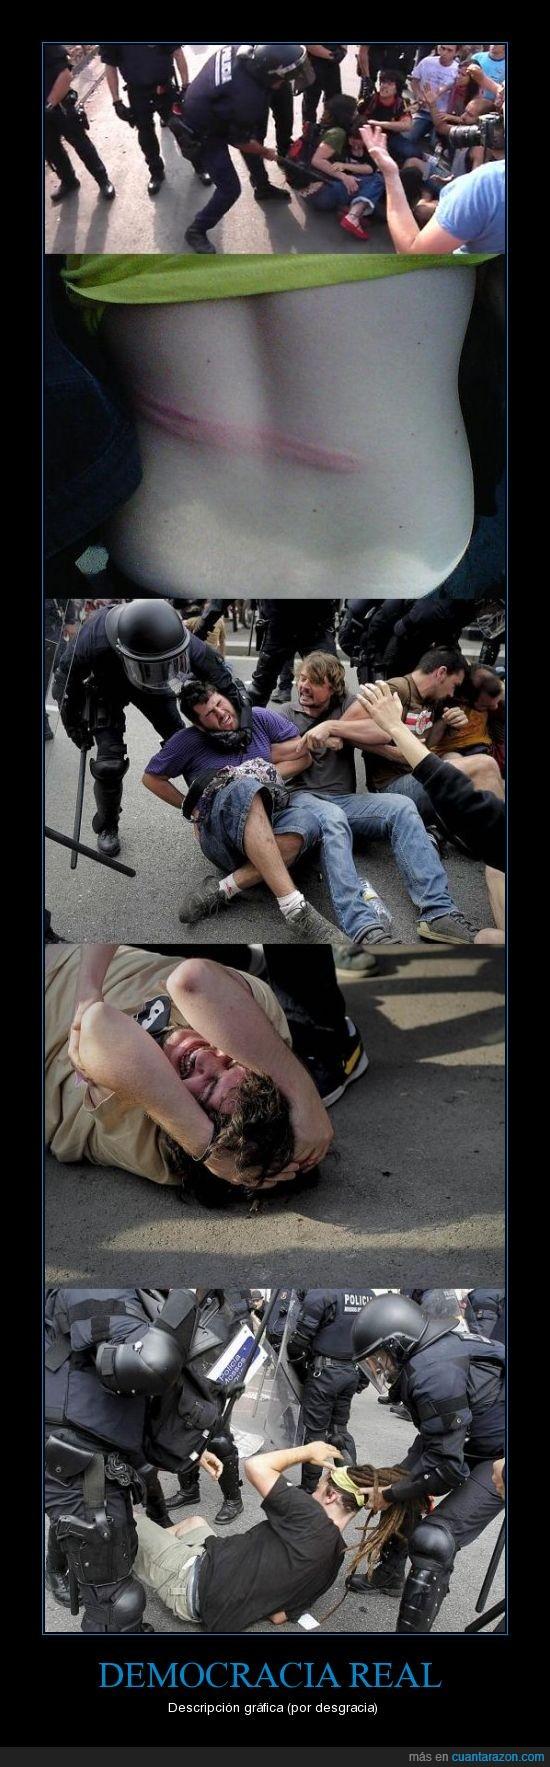 democracia,manifestante,mossos,ostia,policia,politica,real